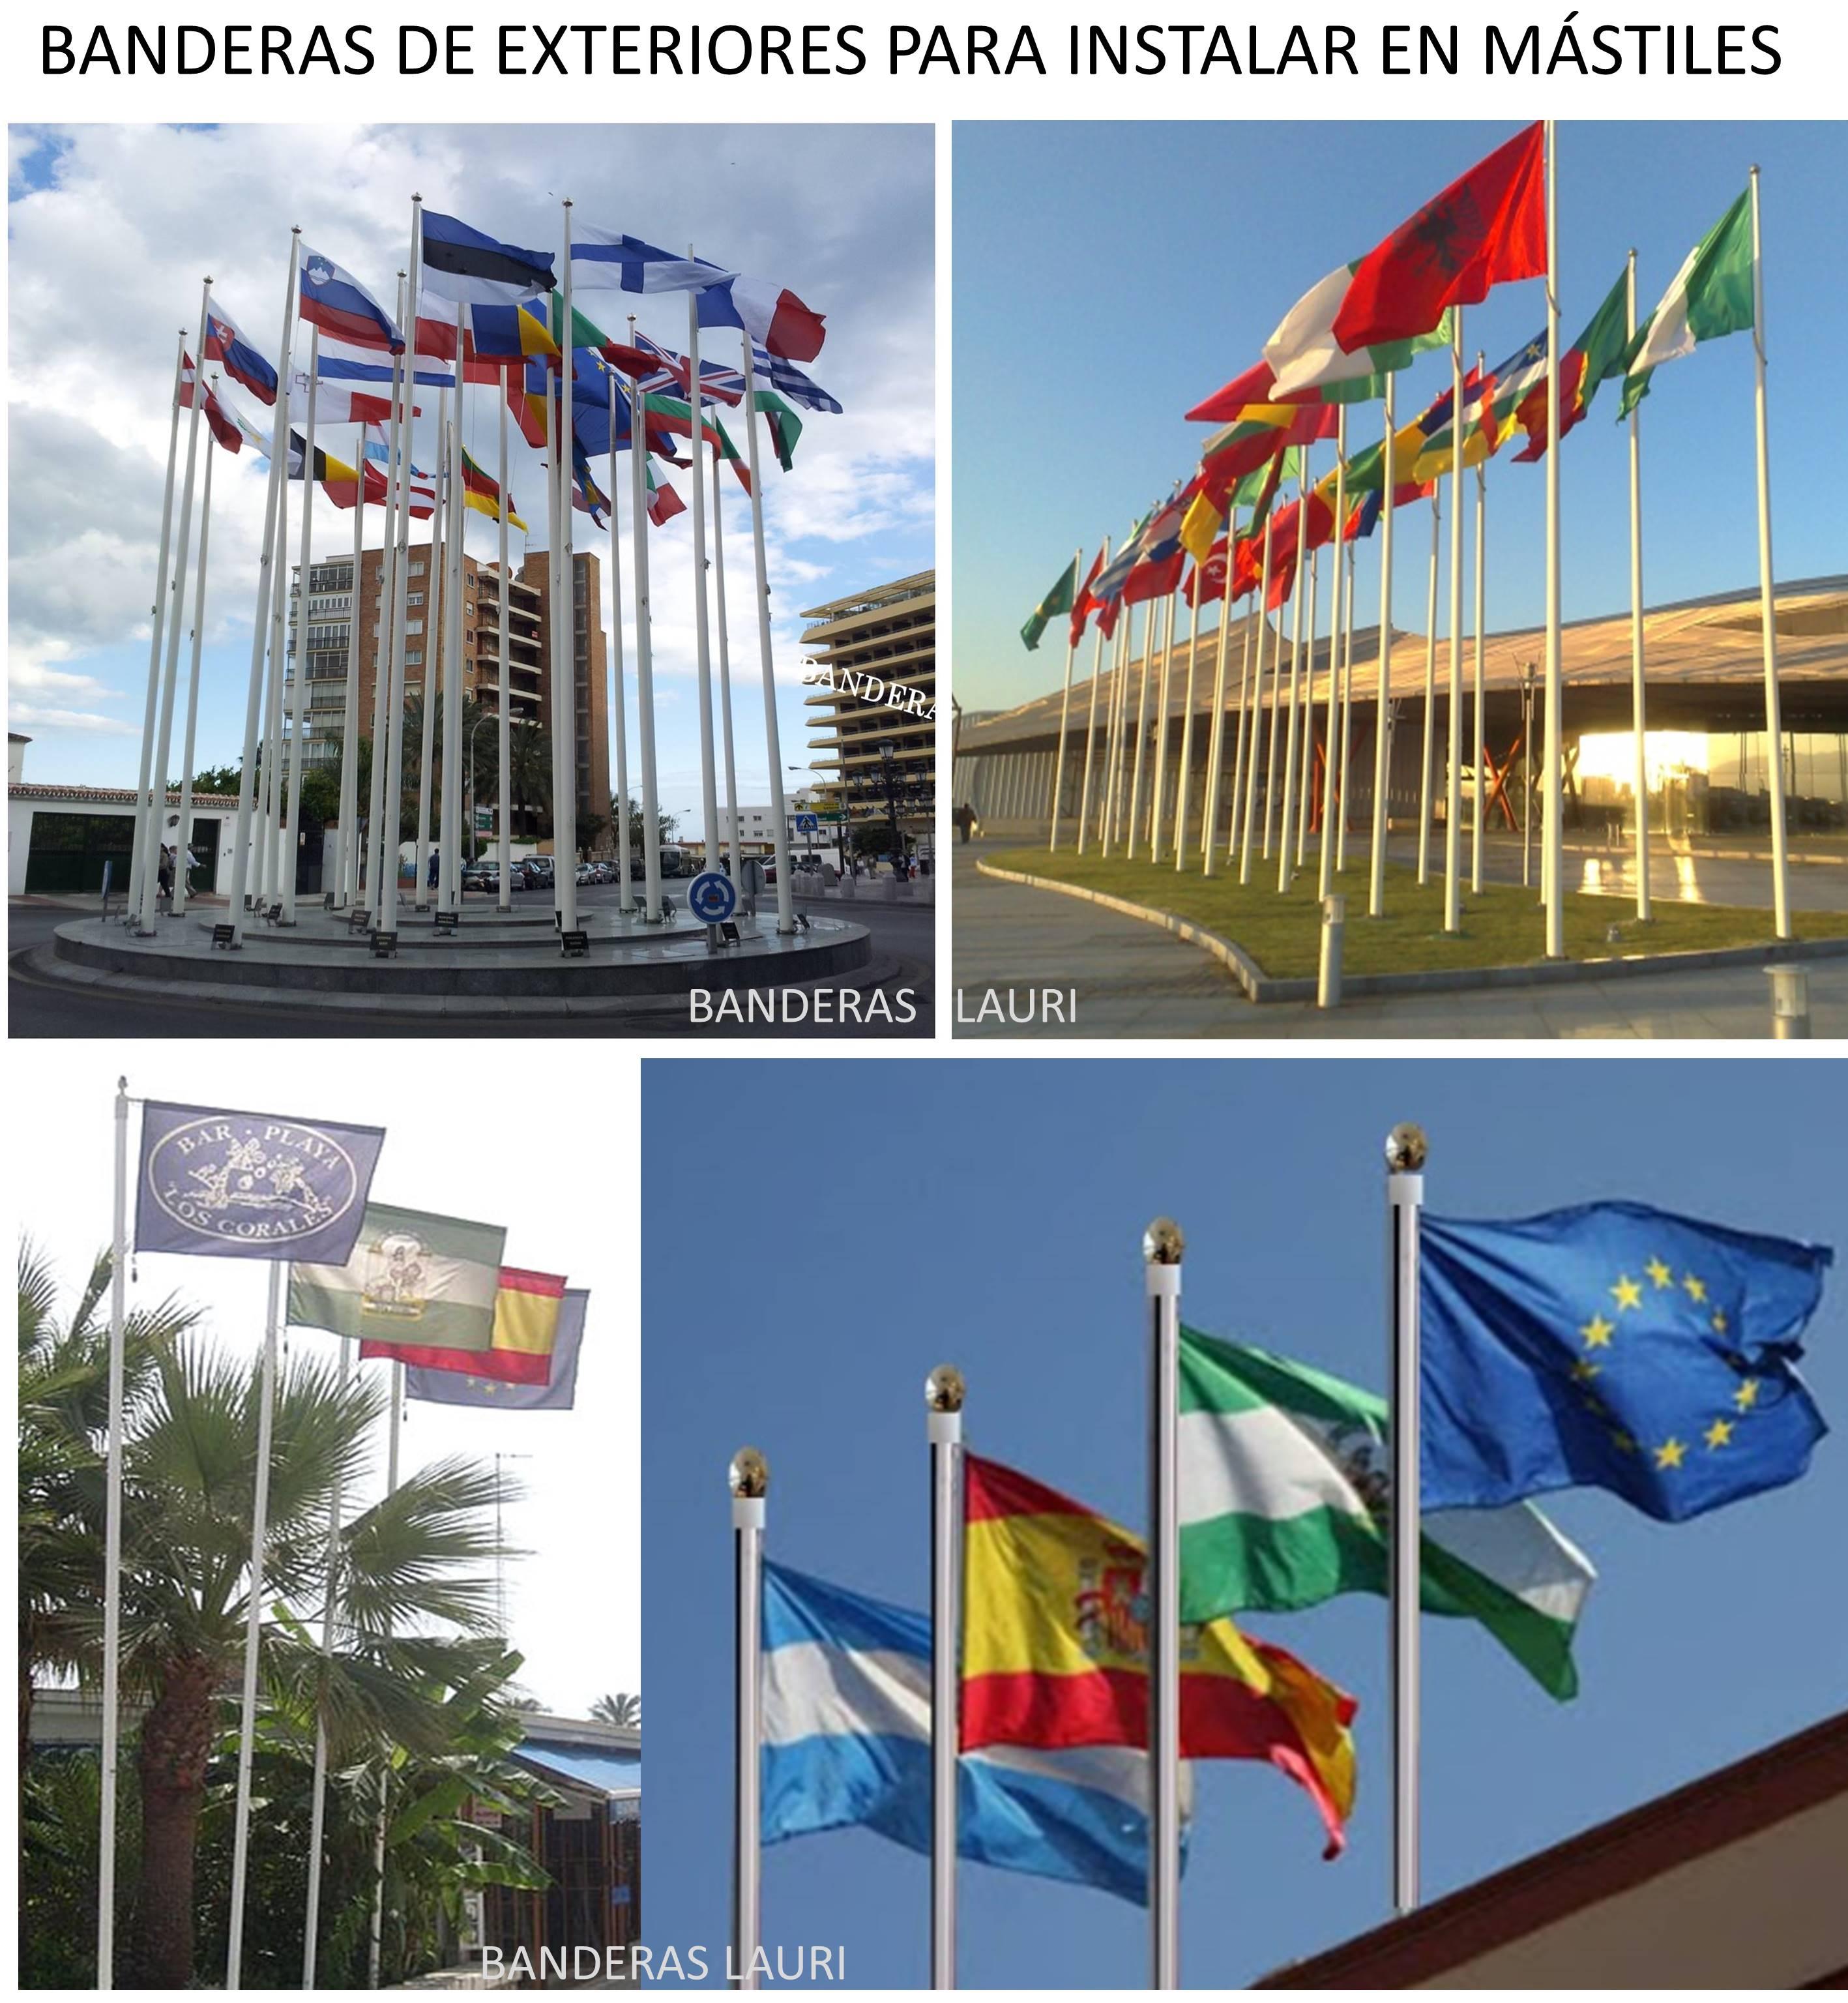 Fabrica de Banderas de Exterior para mastiles de banderas